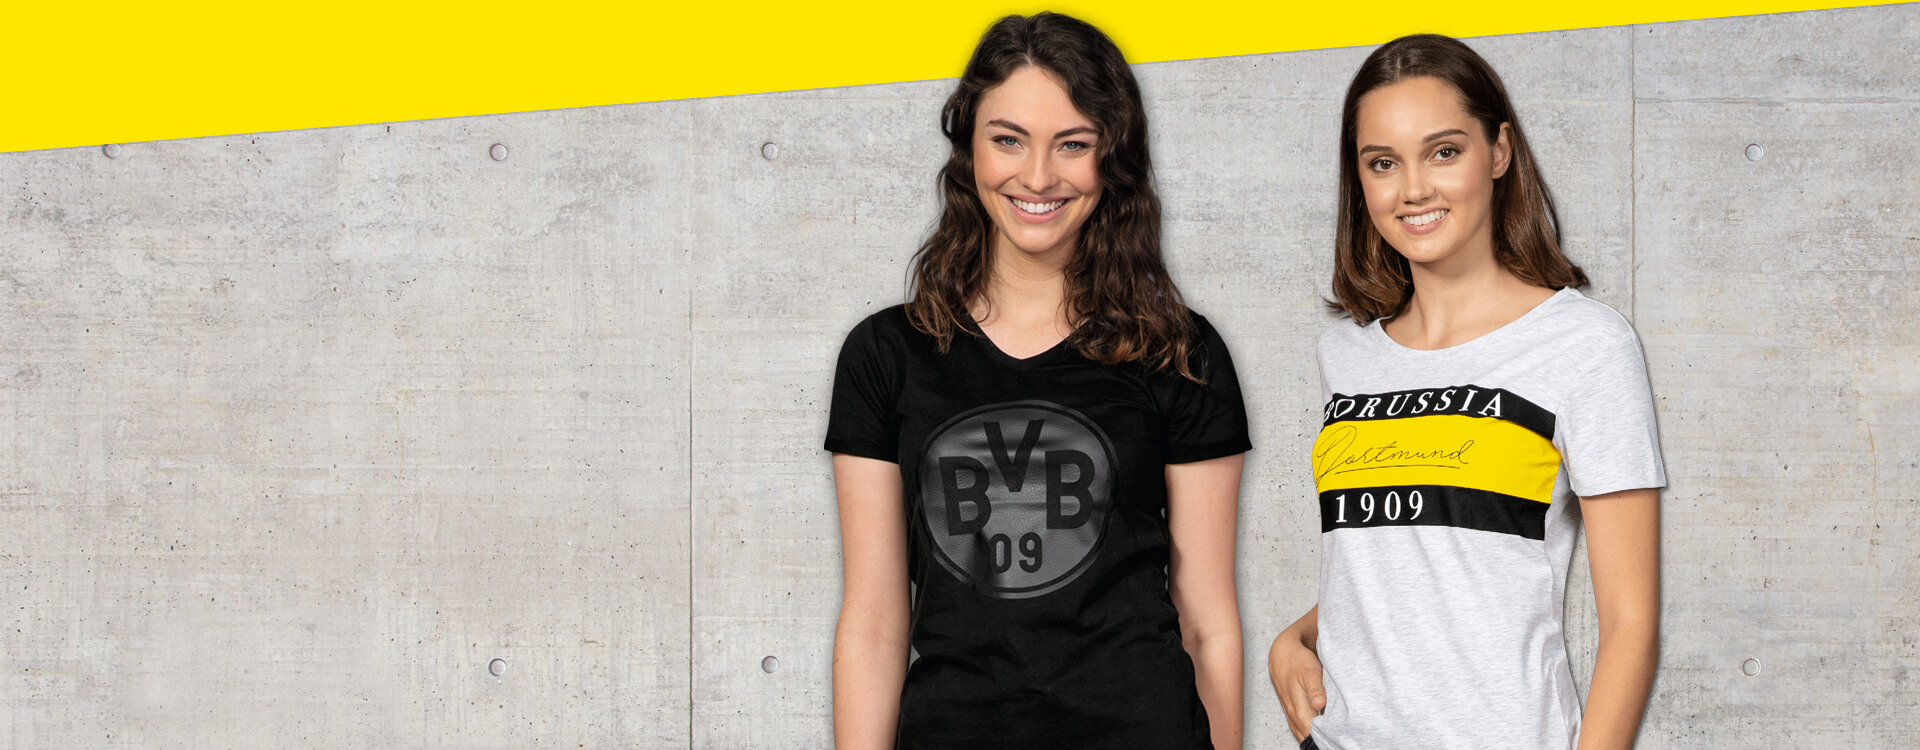 Women   Apparel   BVB Onlineshop